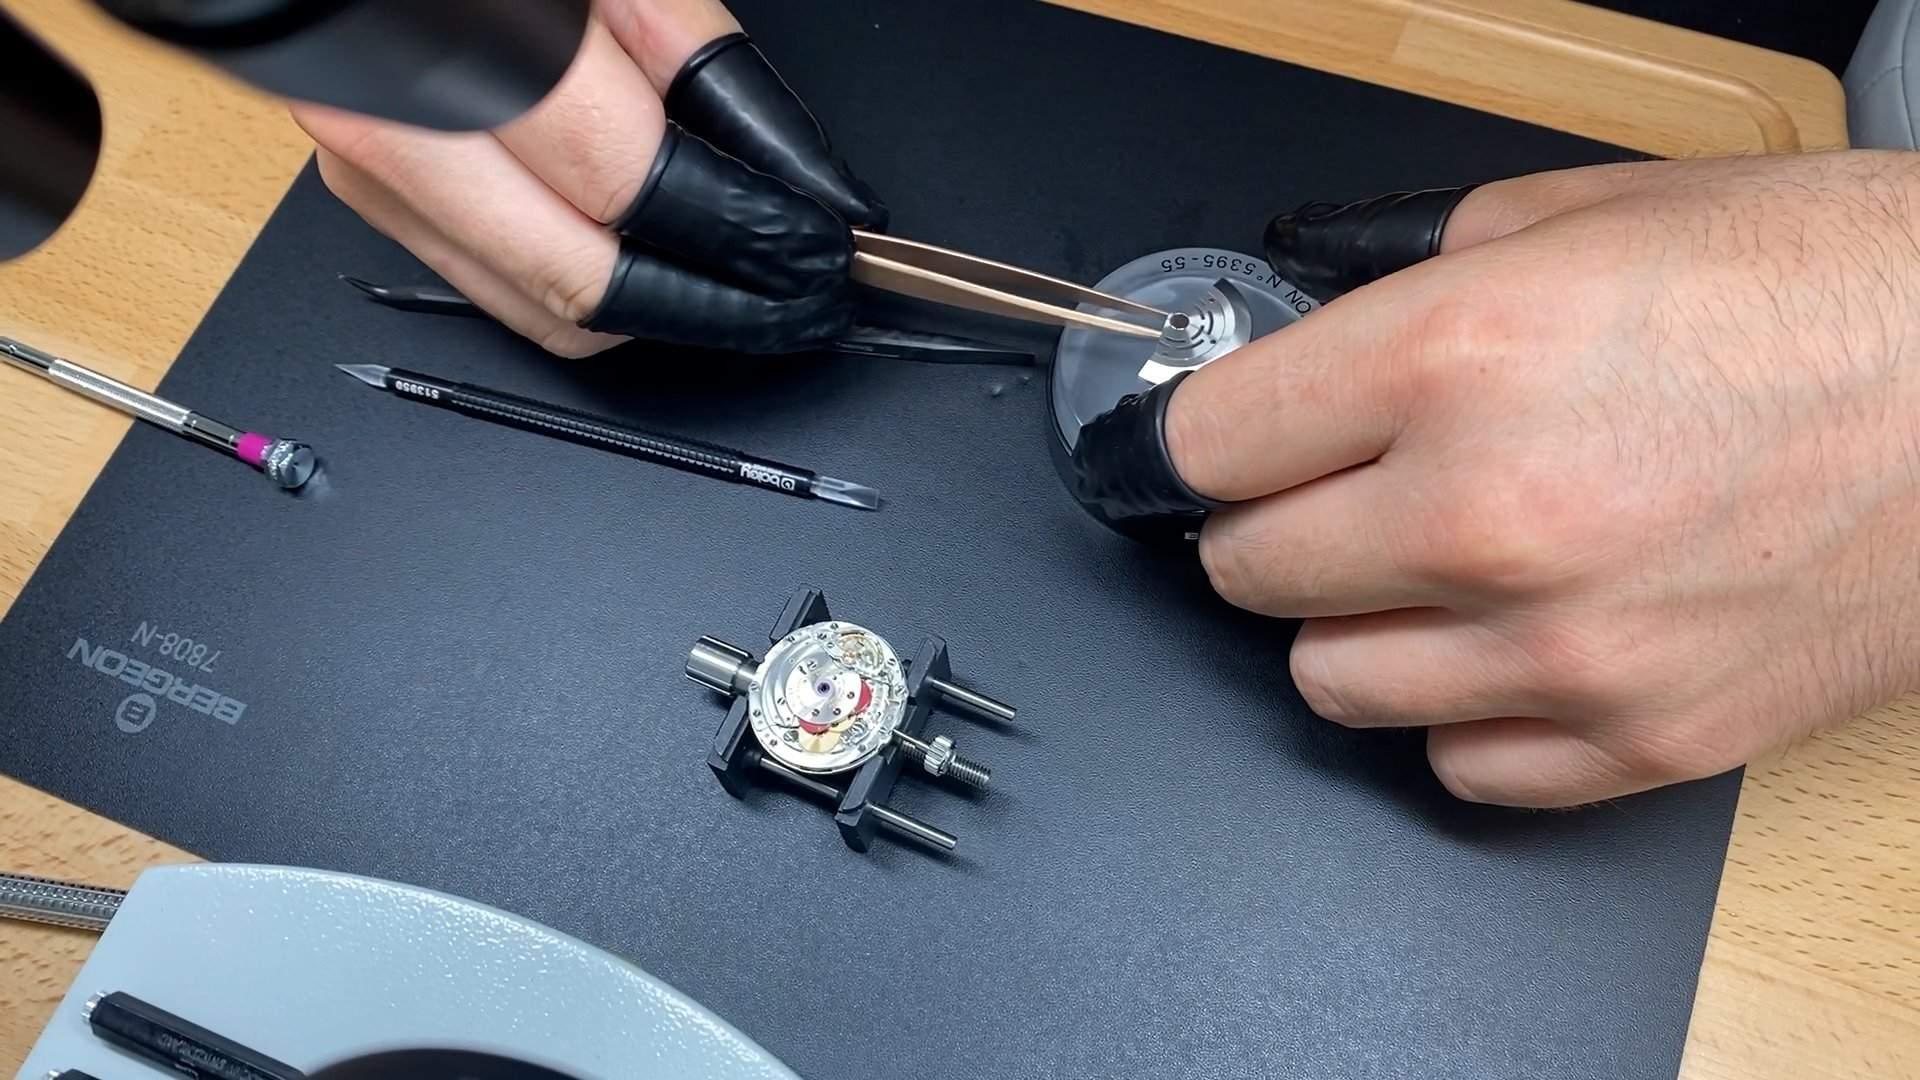 Professional watchmaker Robert Weiss dissembles a Rolex Submariner.